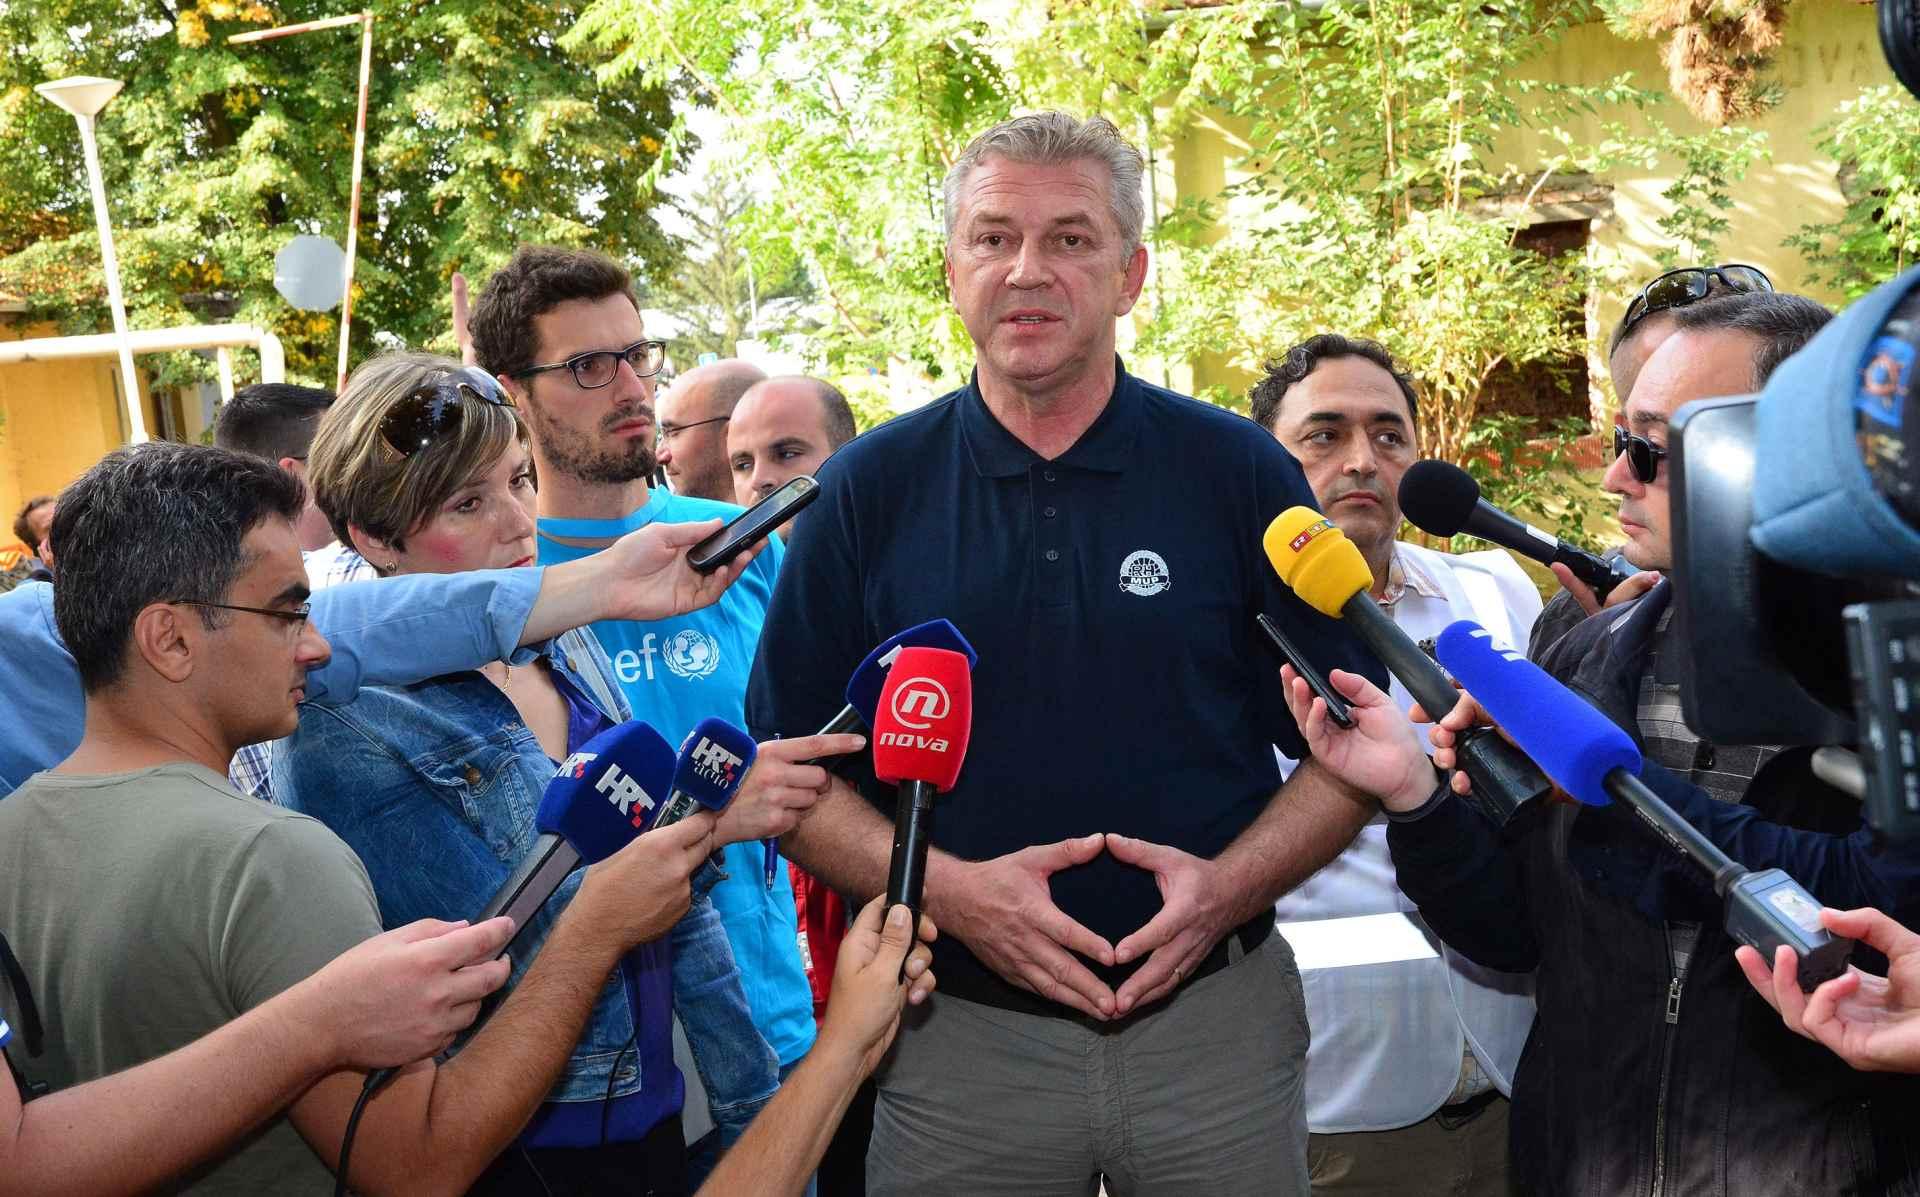 NEMA RAZLOGA ZA STRAH Ostojić: Činimo sve da Hrvatsku učinimo maksimalno sigurnom